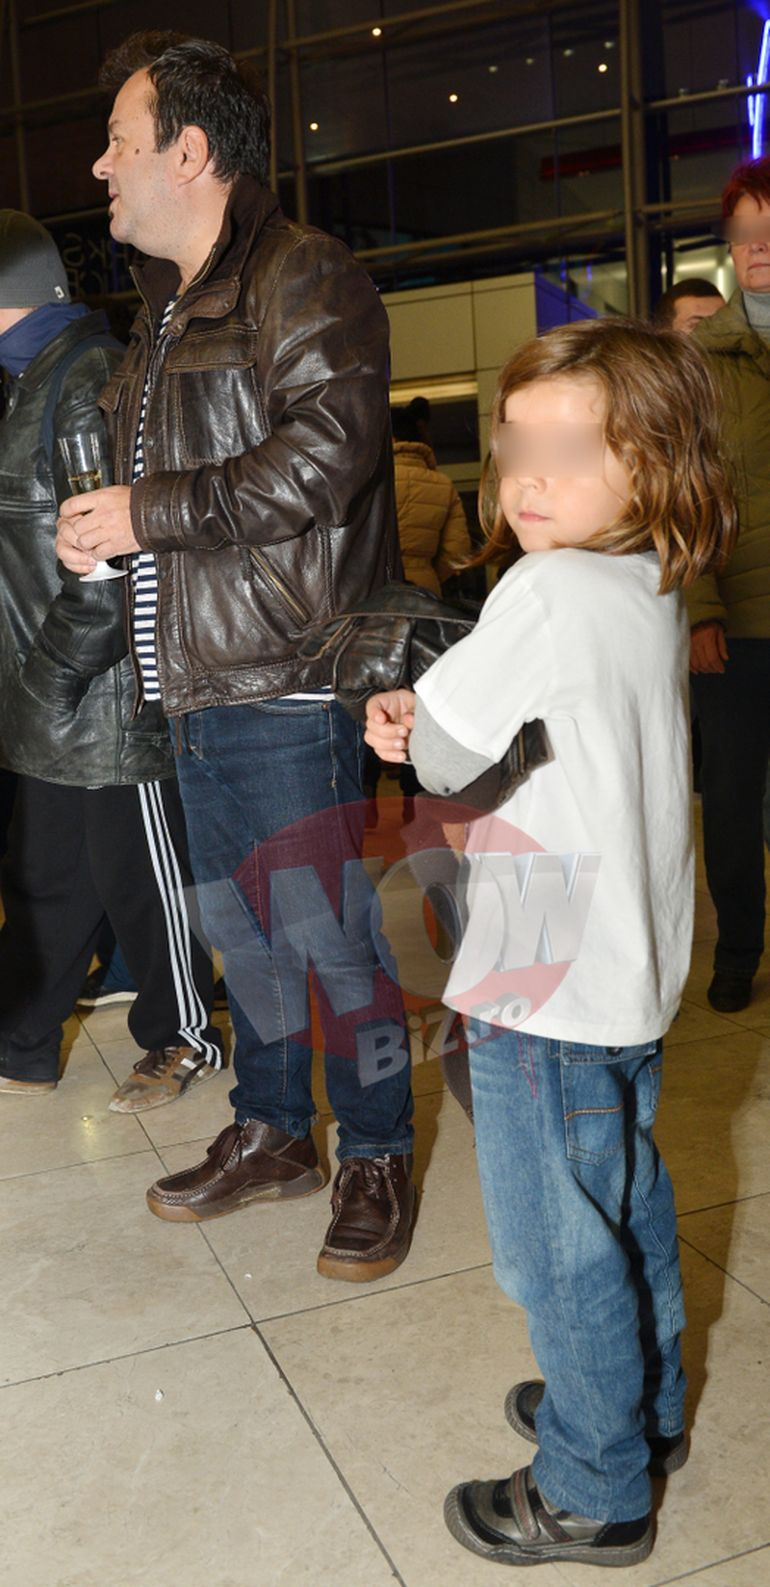 Pe el il vezi mereu la televizor, dar pe fiul lui, nu! Dragos Mostenescu isi transforma juniorul intr-un… tip monden!